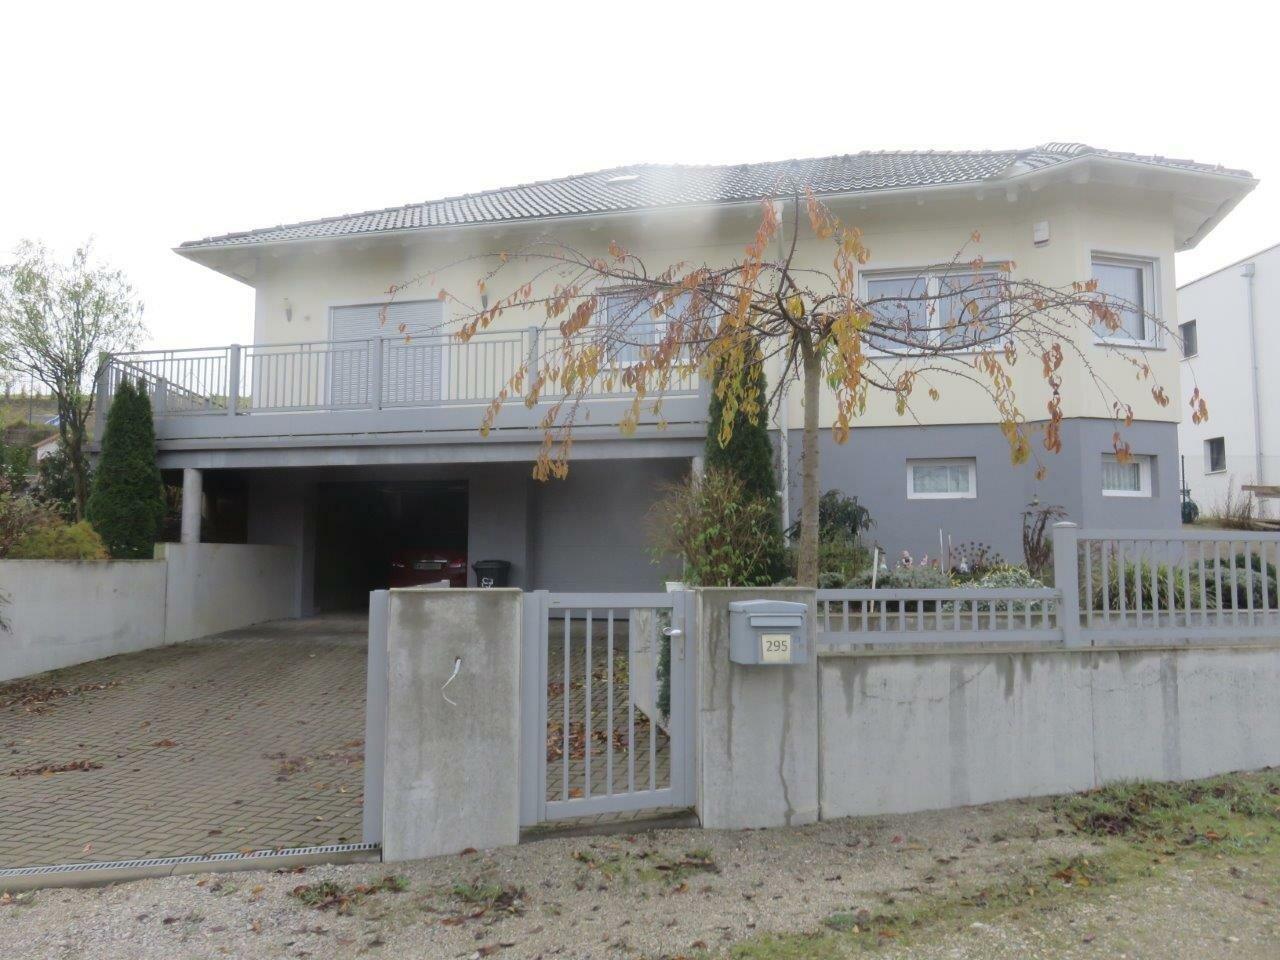 Modernes schönes Haus - barrierefrei mit Lift, 45 Minuten vor Wien